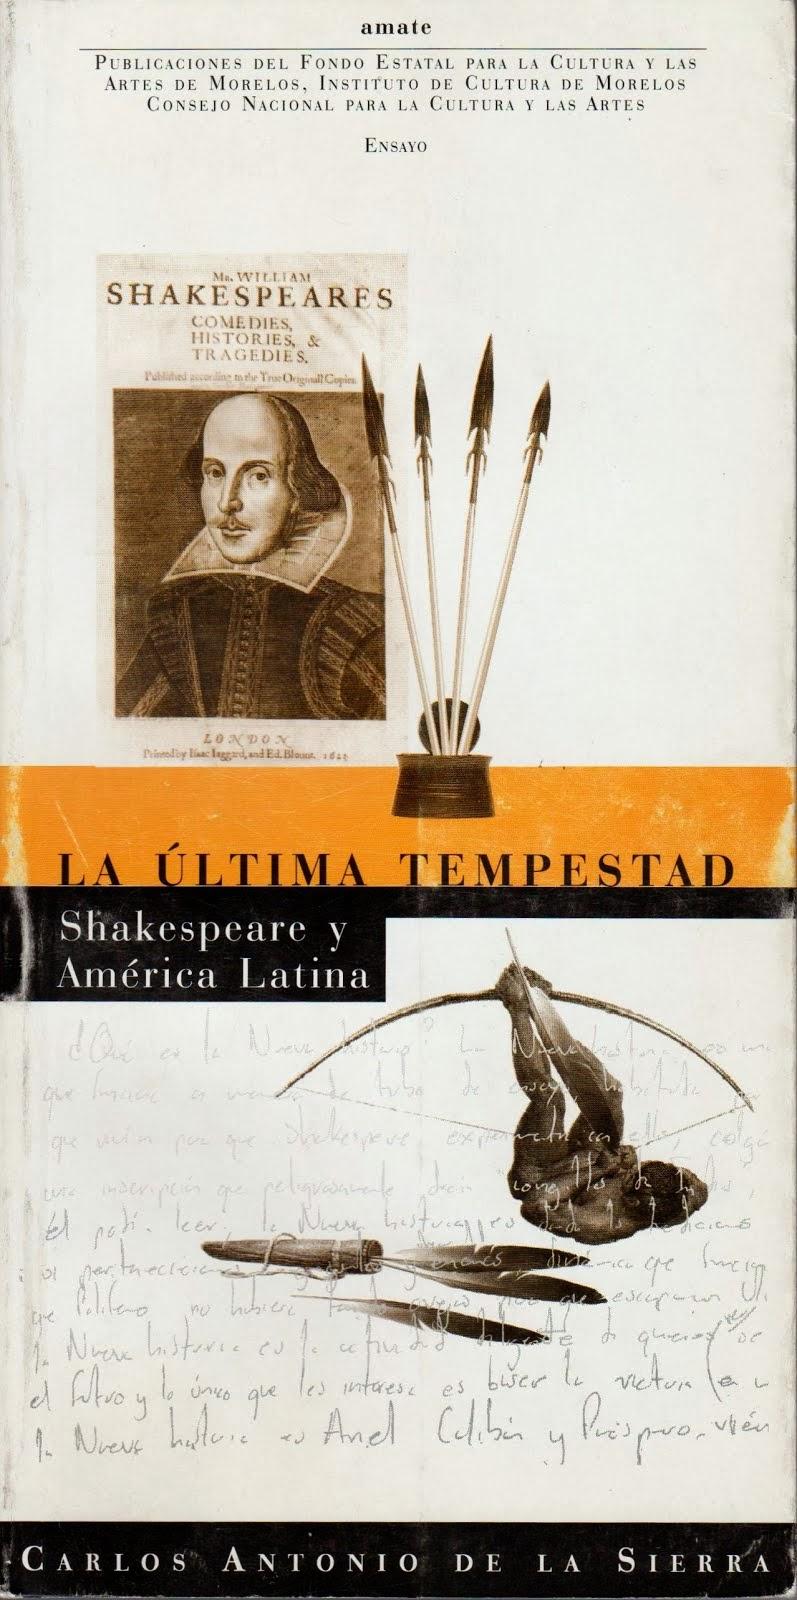 La última tempestad. Shakespeare y América Latina